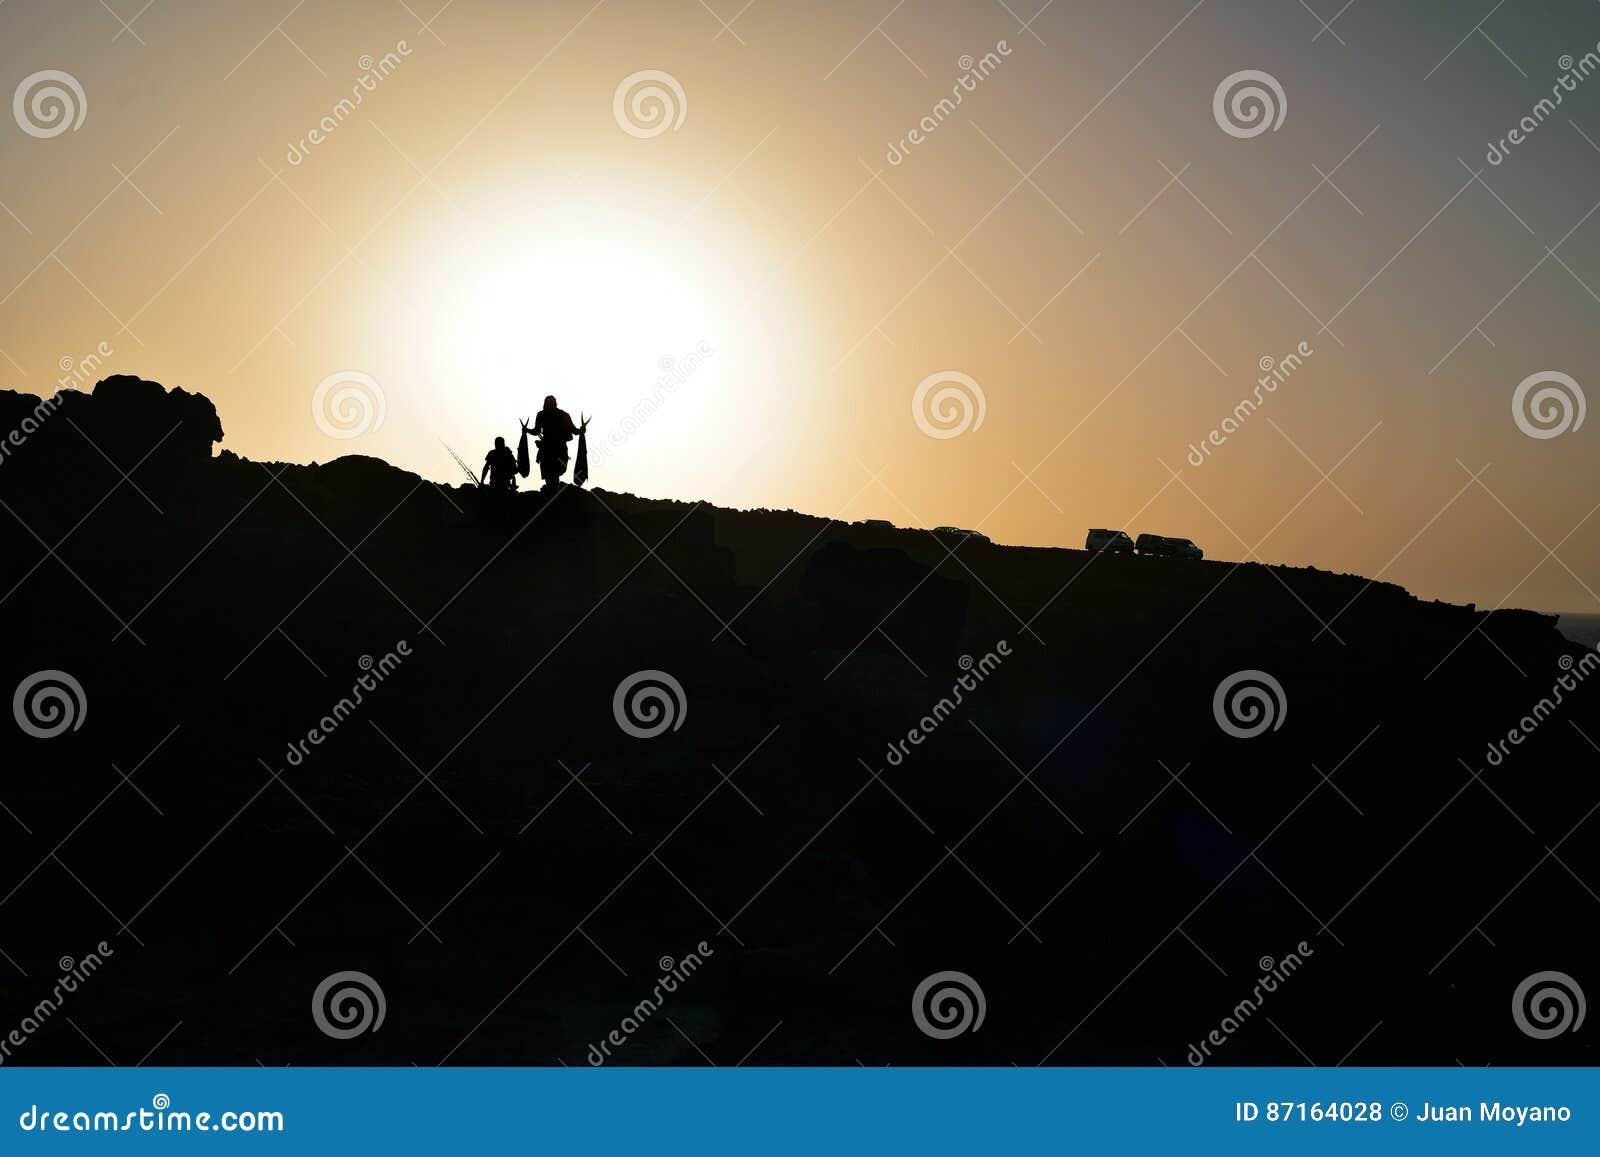 Kontur av fiskare på en klippa på skymning